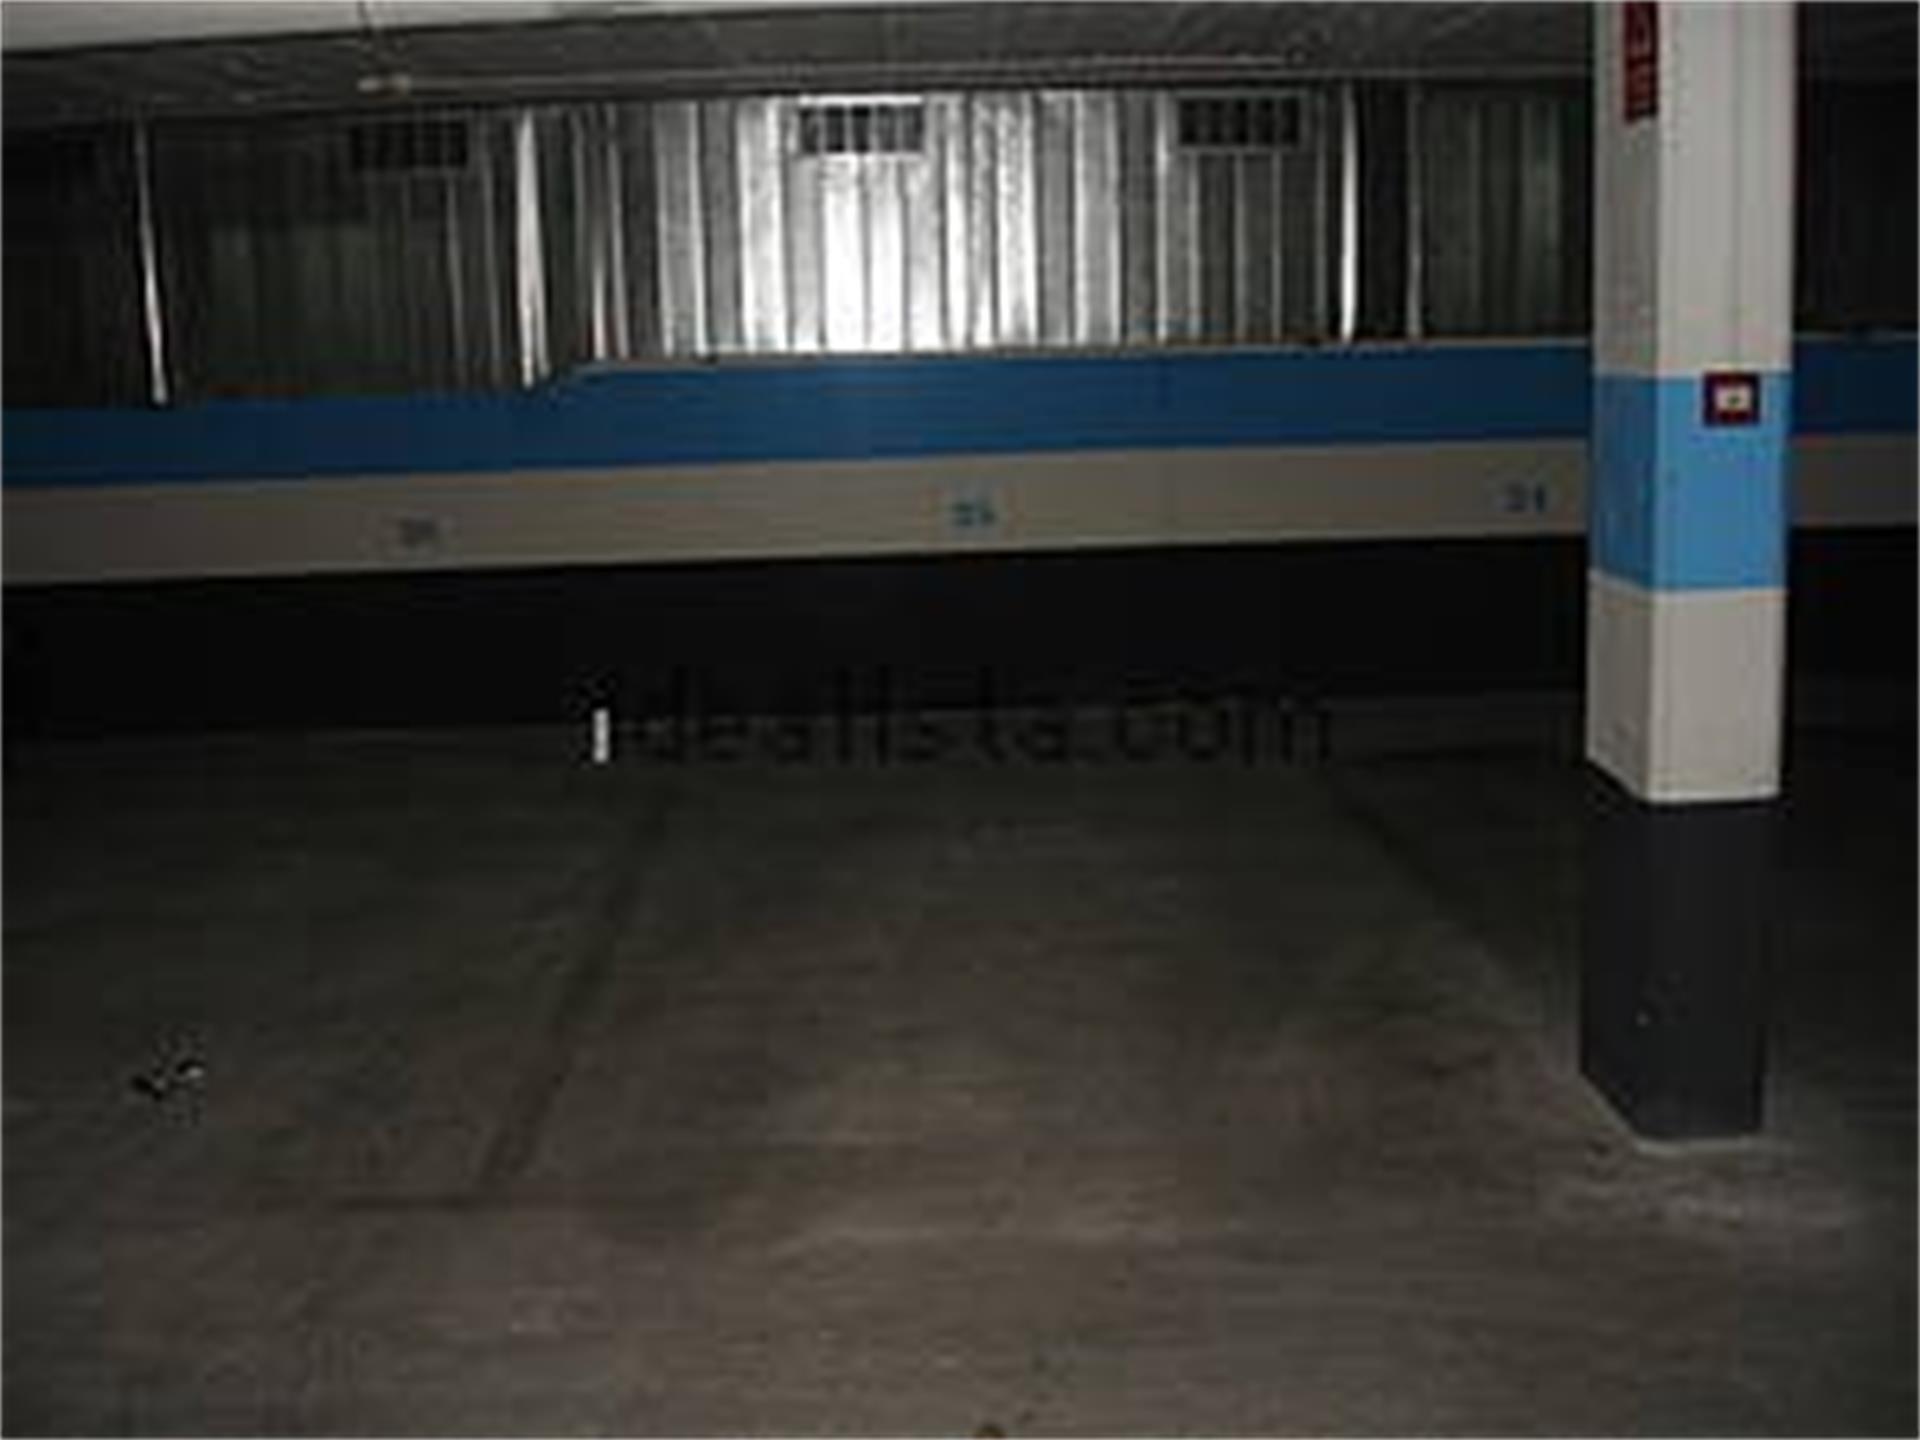 Alquiler Parking coche  Carrer de ramon i cajal. Sant joan / carrer de ramon i cajal